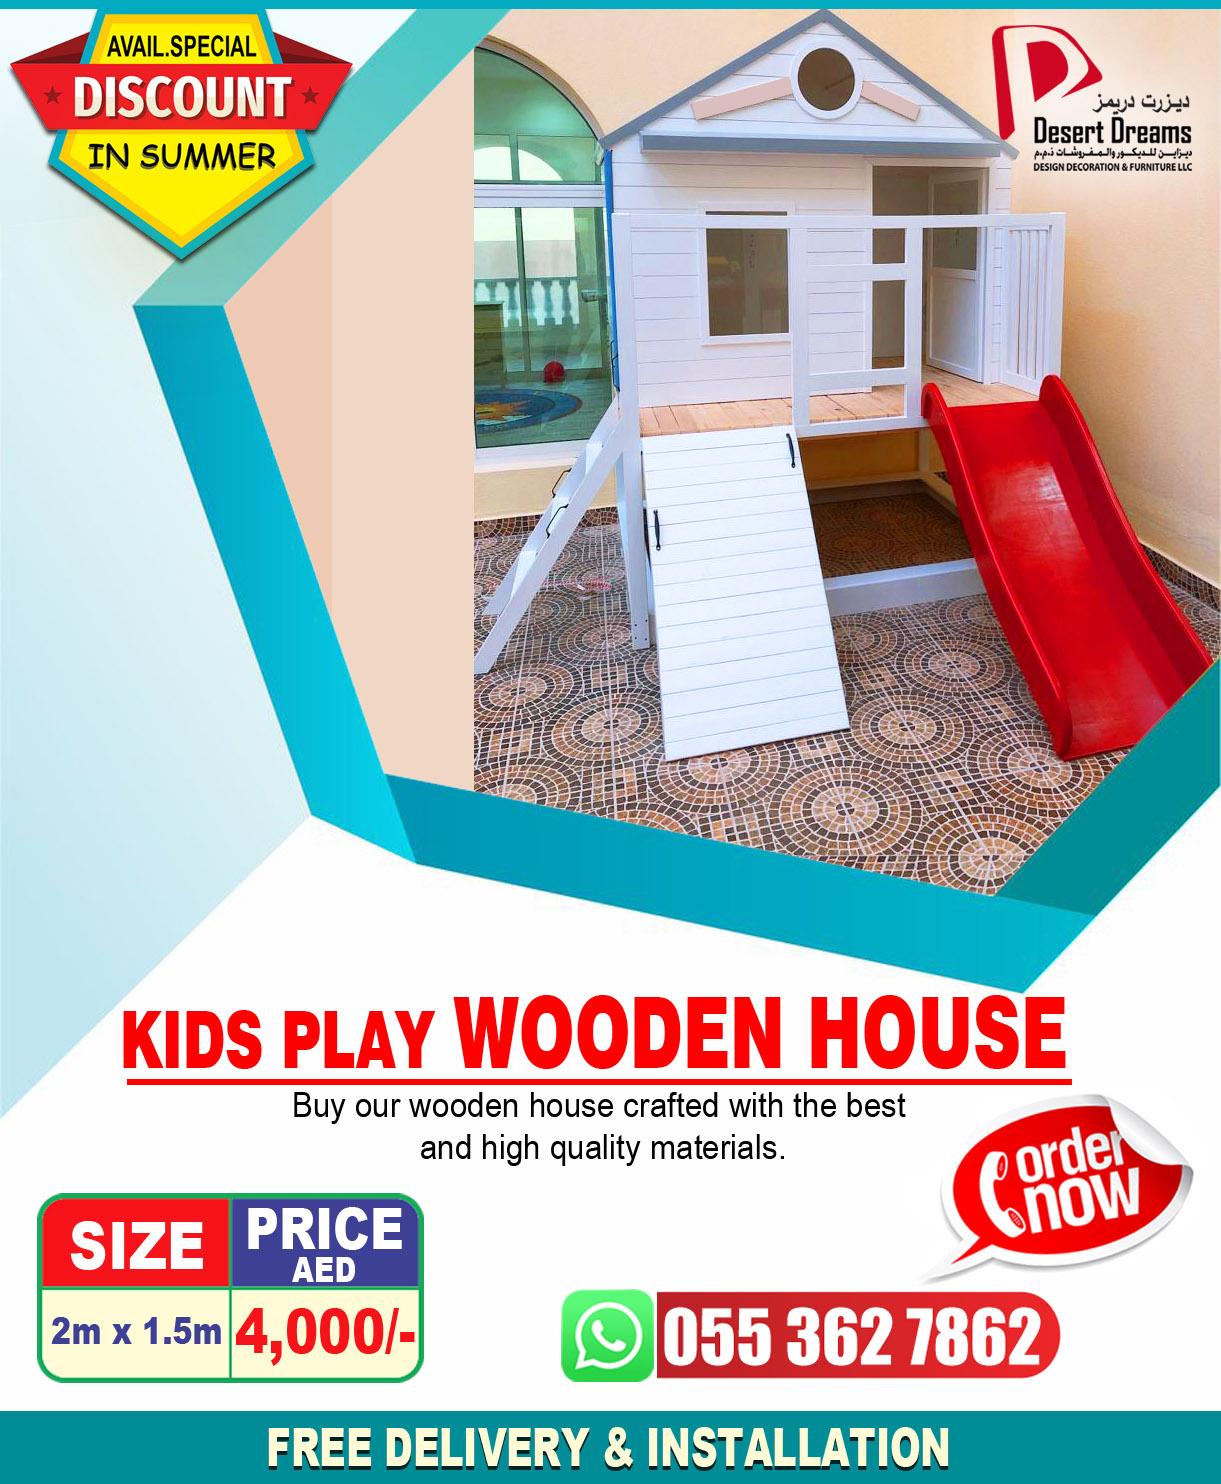 Kids Play Wooden House Suppliers n UAE-1.jpg